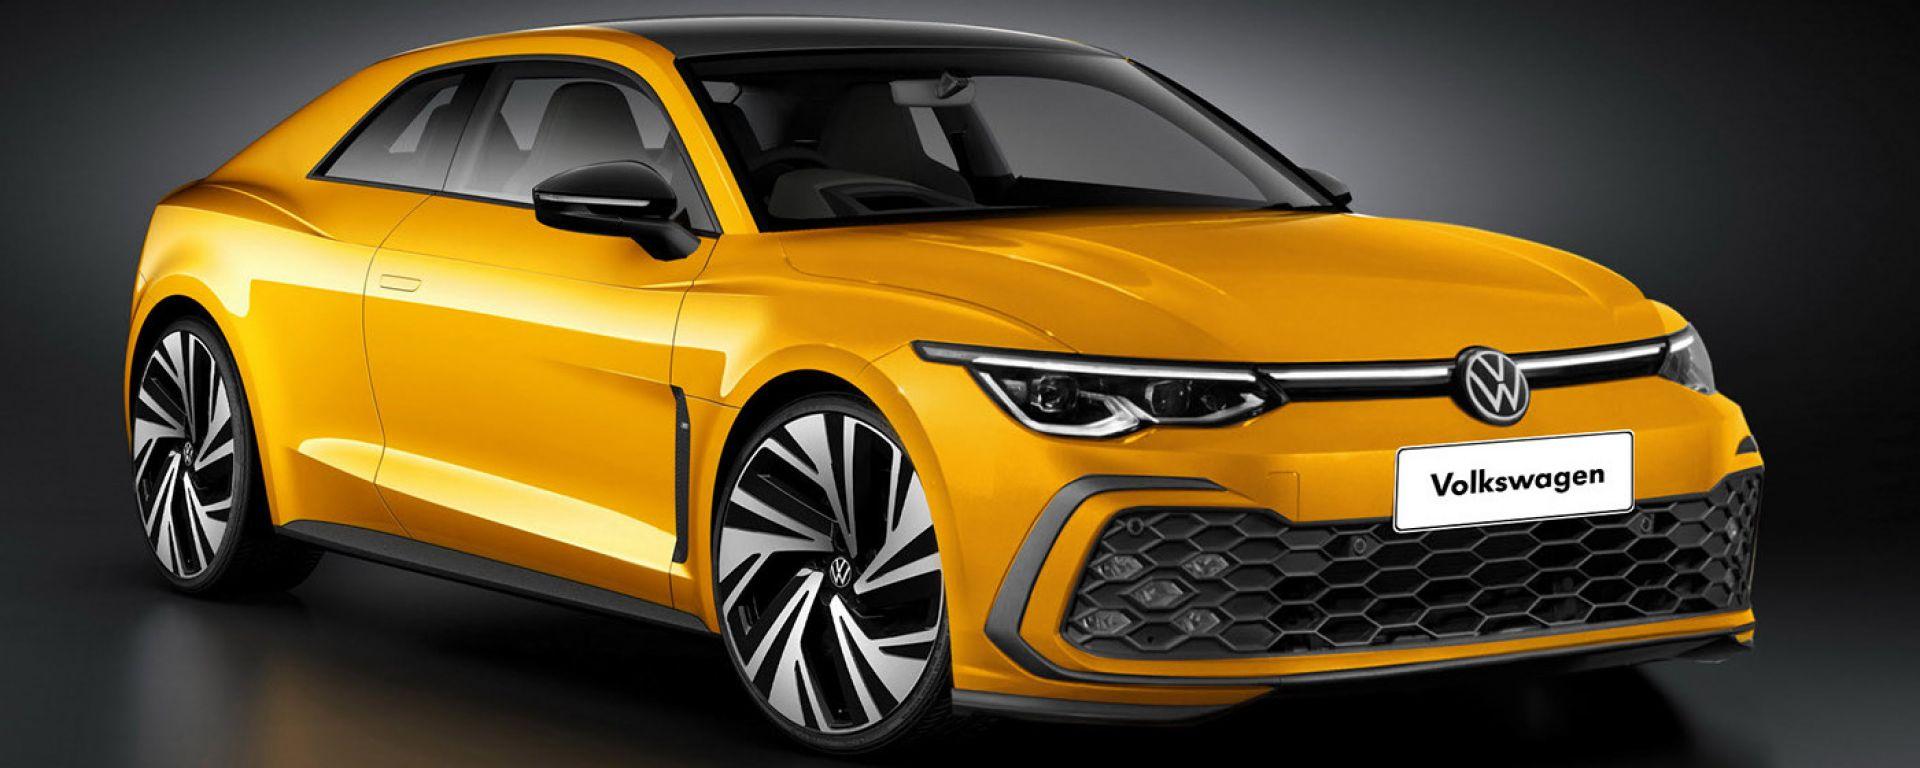 Volkswagen Corrado 2021: il render di 3/4 anteriore